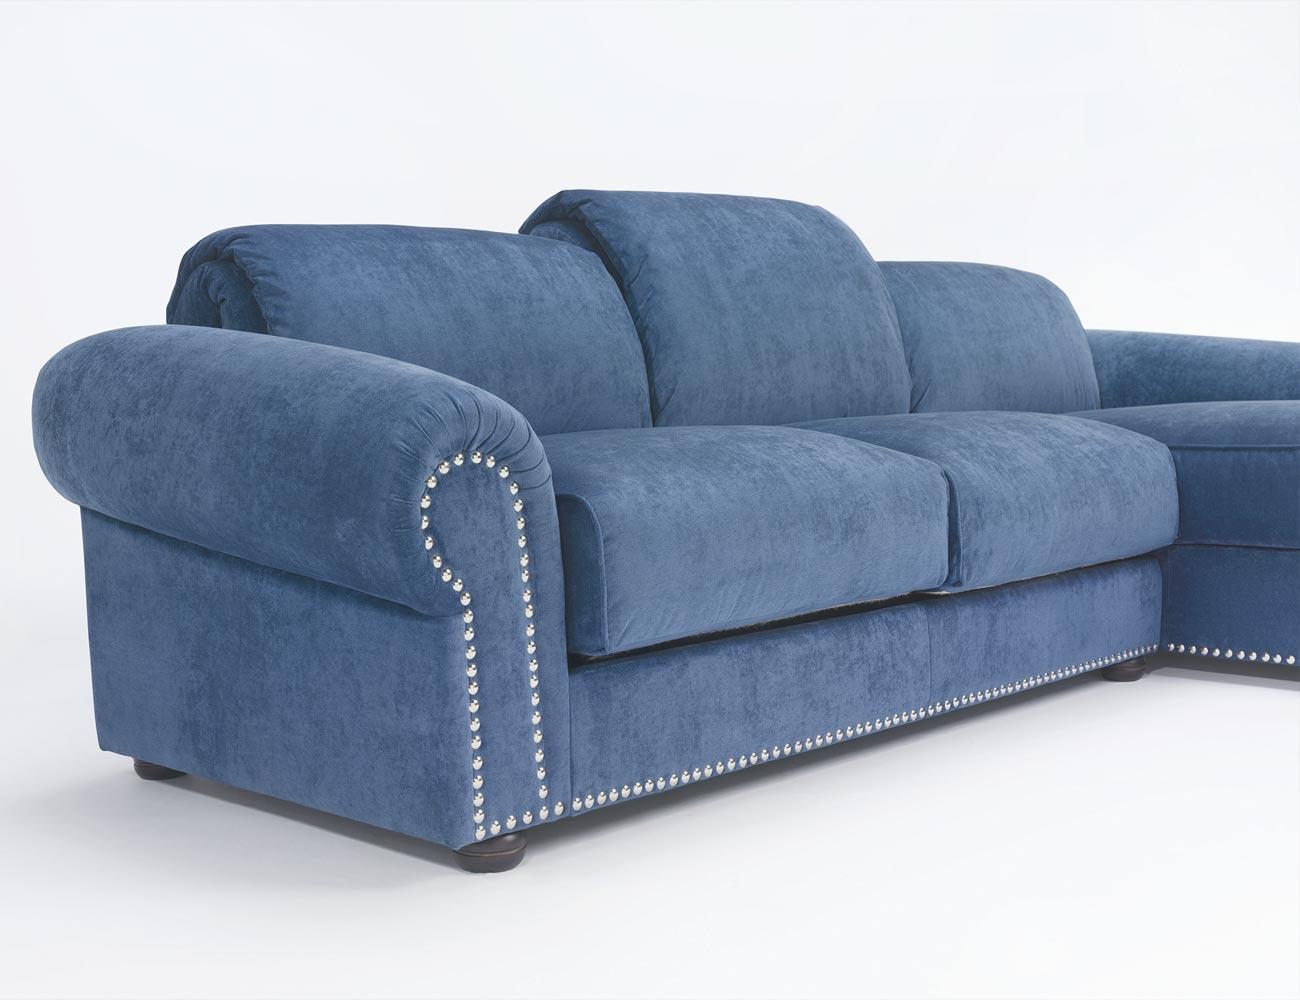 Sofa chaiselongue gran lujo decorativo azul 112